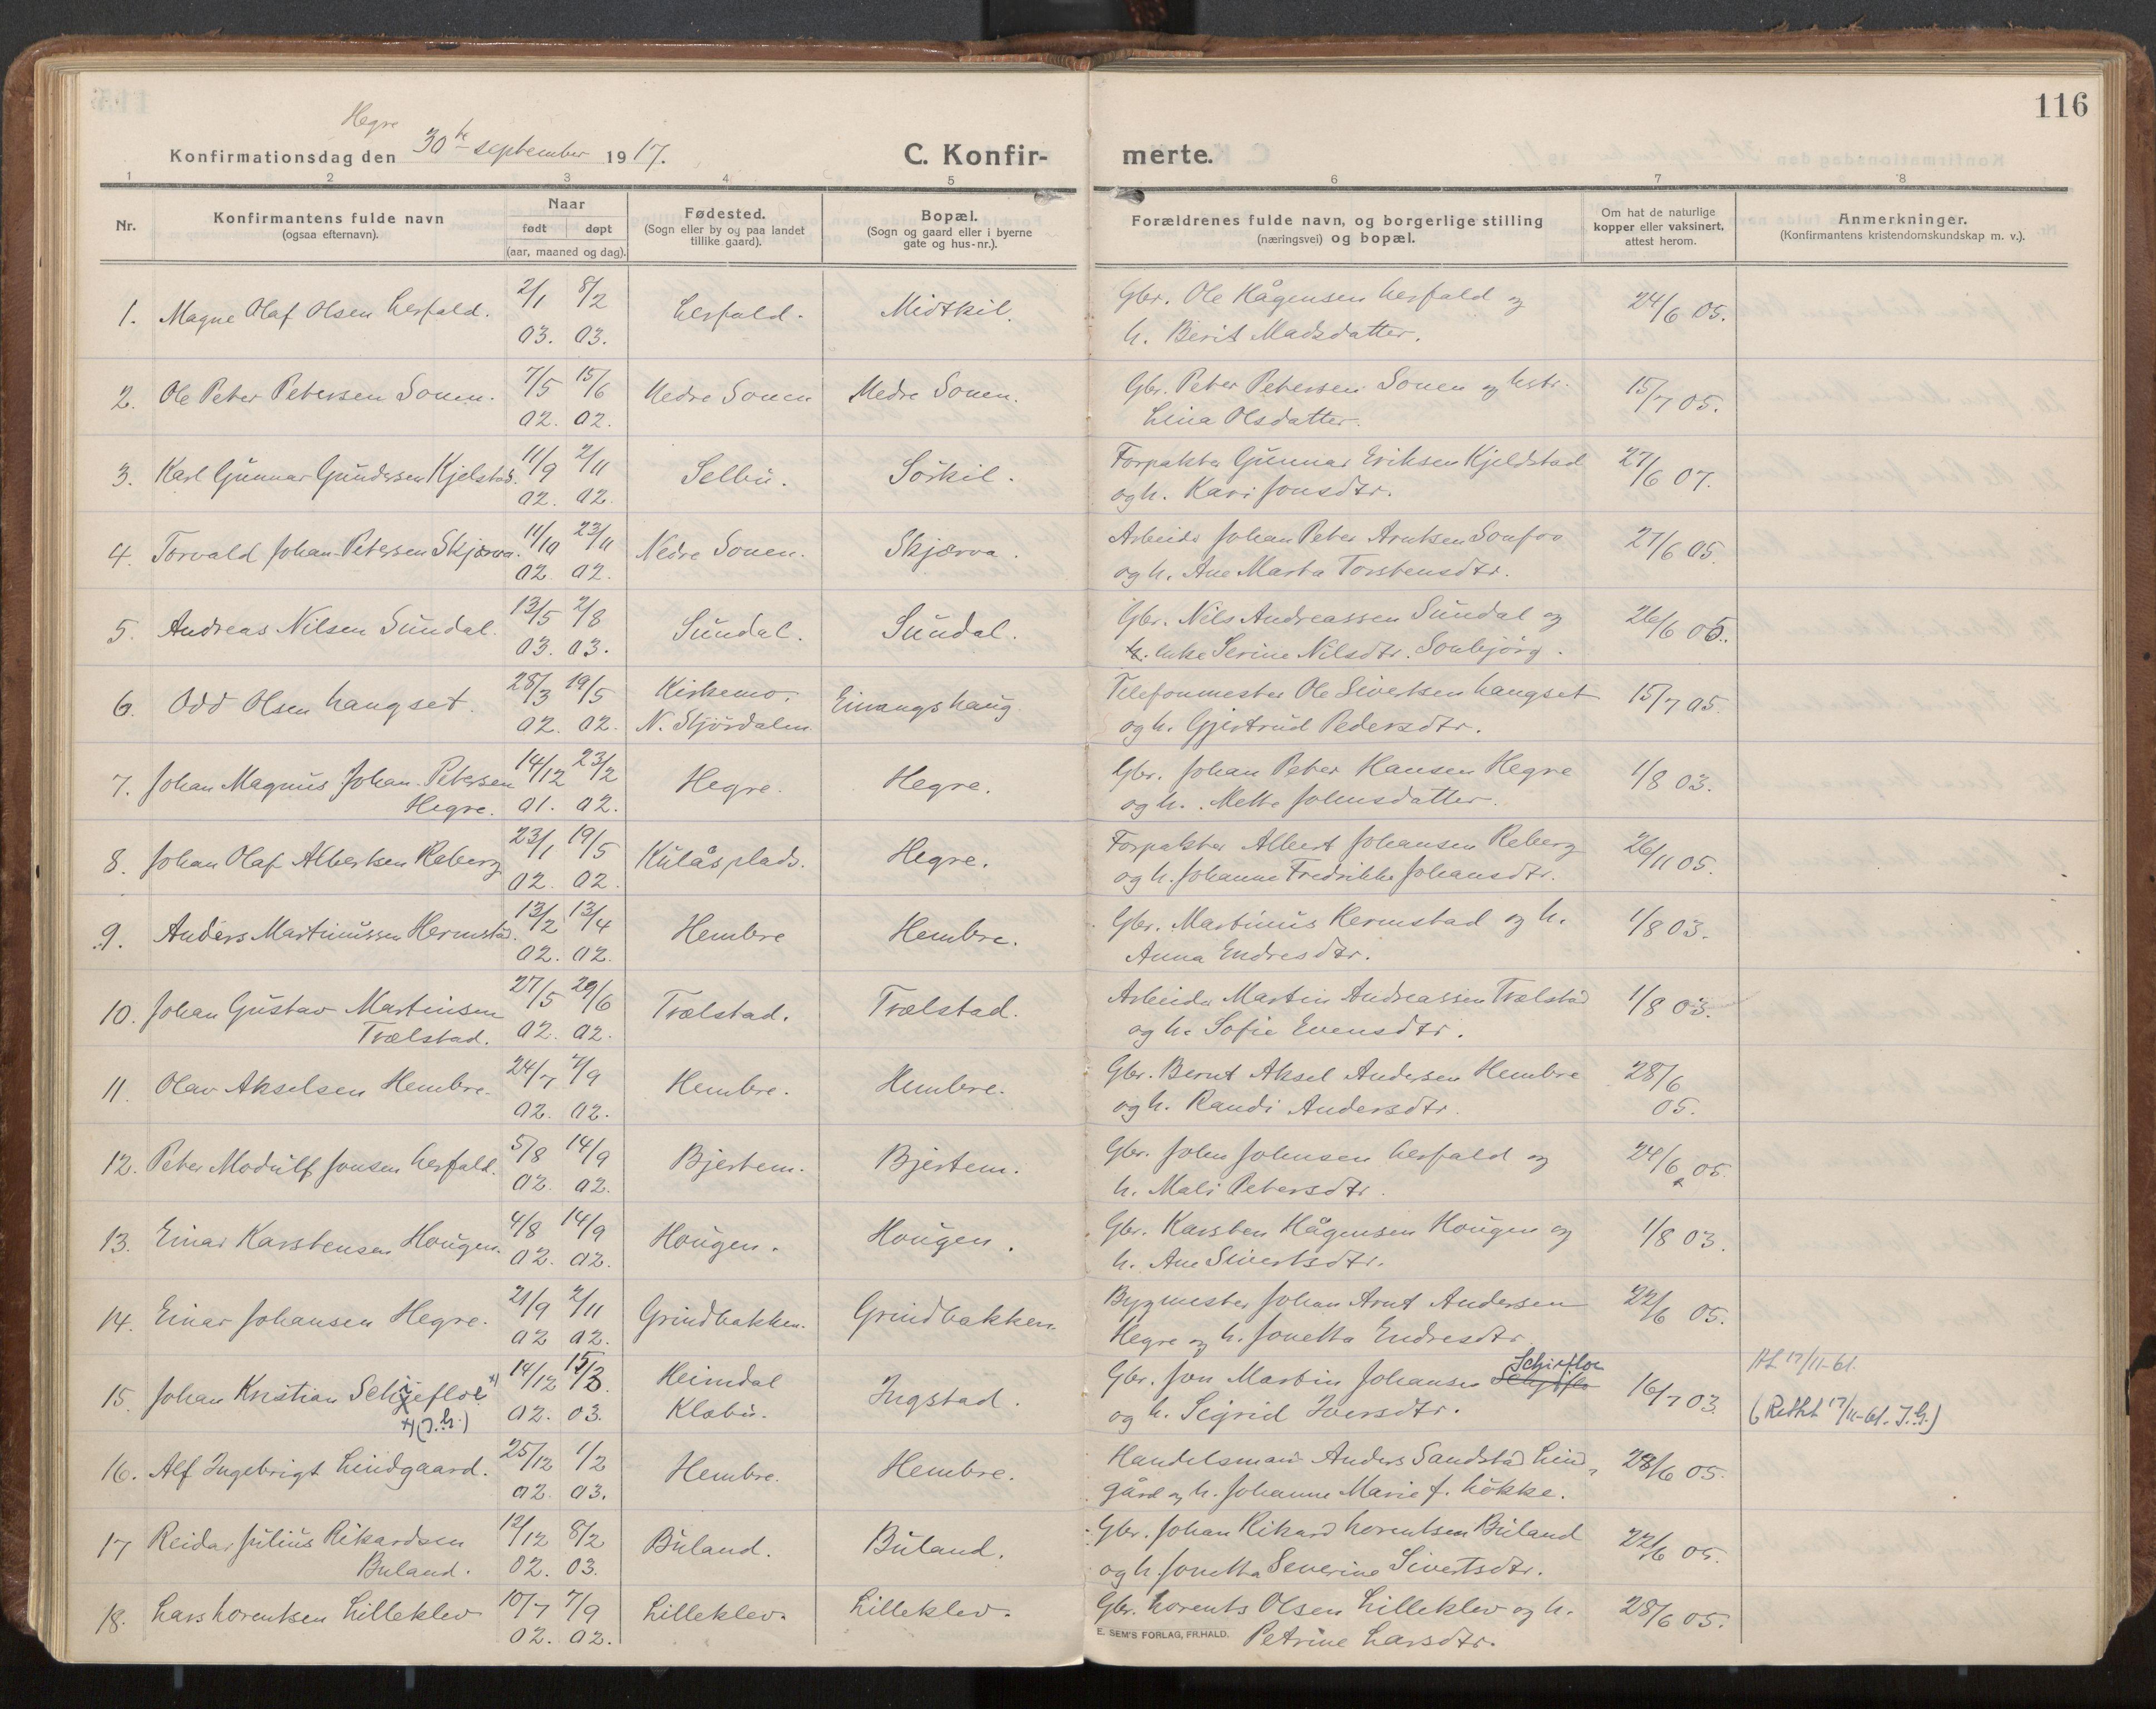 SAT, Ministerialprotokoller, klokkerbøker og fødselsregistre - Nord-Trøndelag, 703/L0037: Parish register (official) no. 703A10, 1915-1932, p. 116